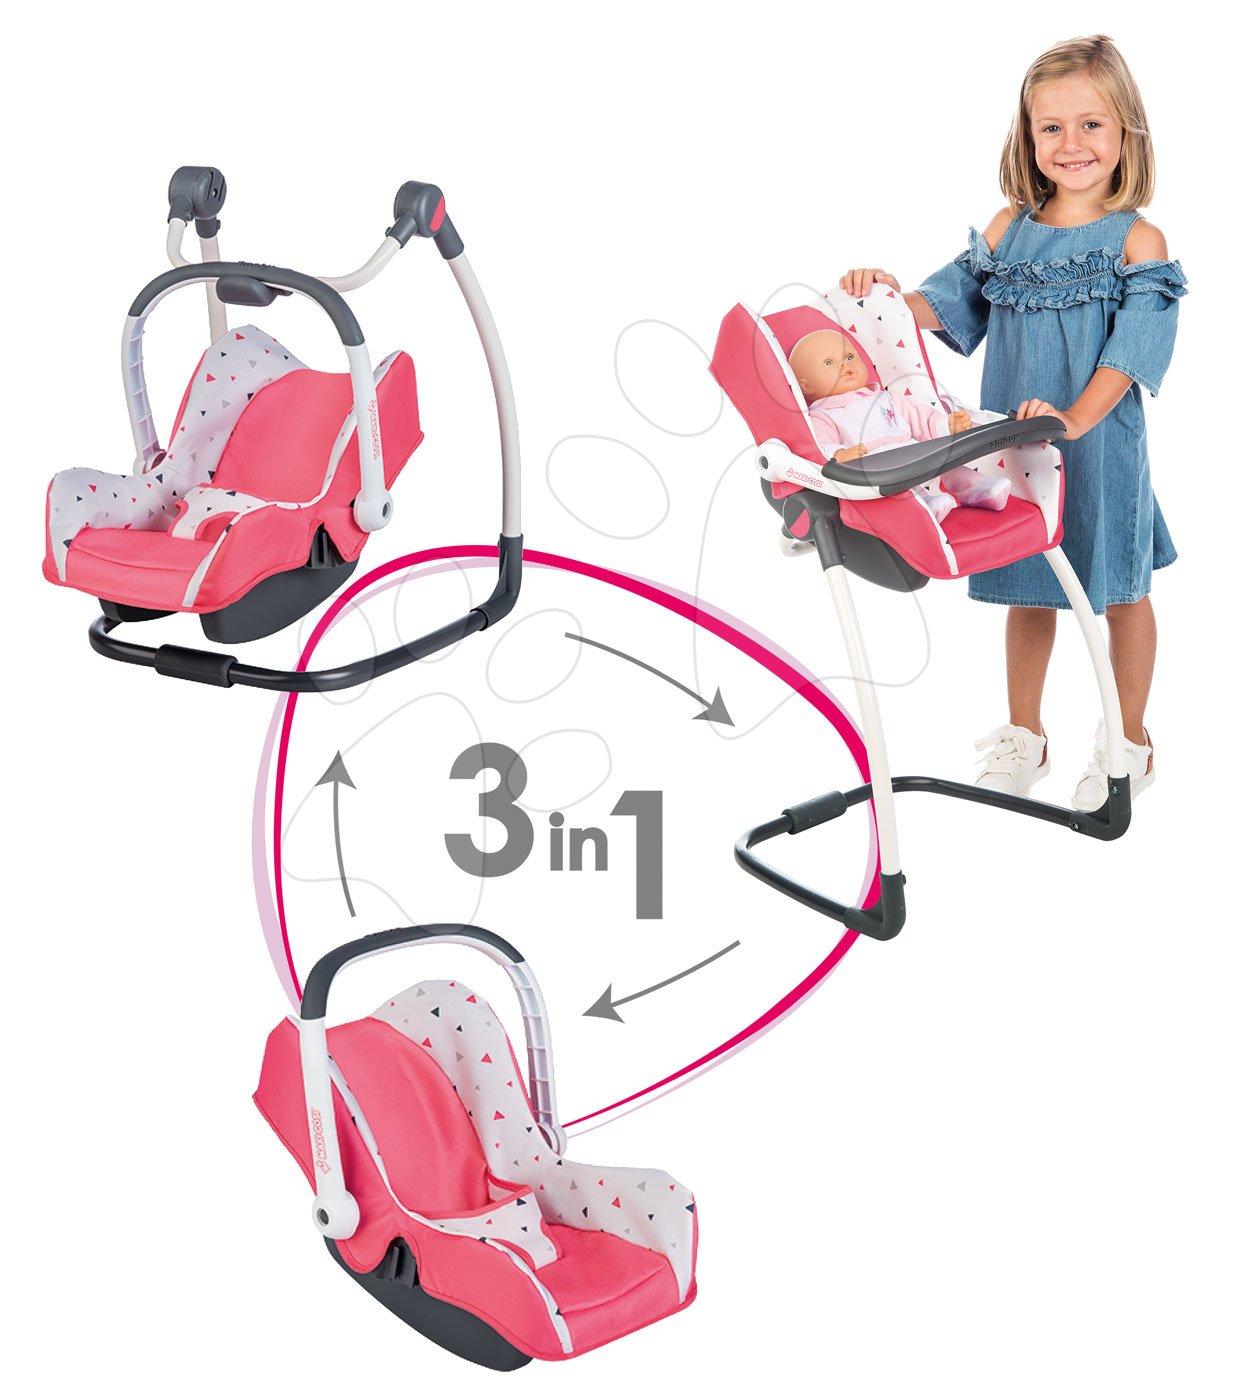 Combinaţie triplă leagăn scaun de maşină și scaun de masă Smoby Trio Pastel Maxi Cosi&Quinny pentru păpuşă roz